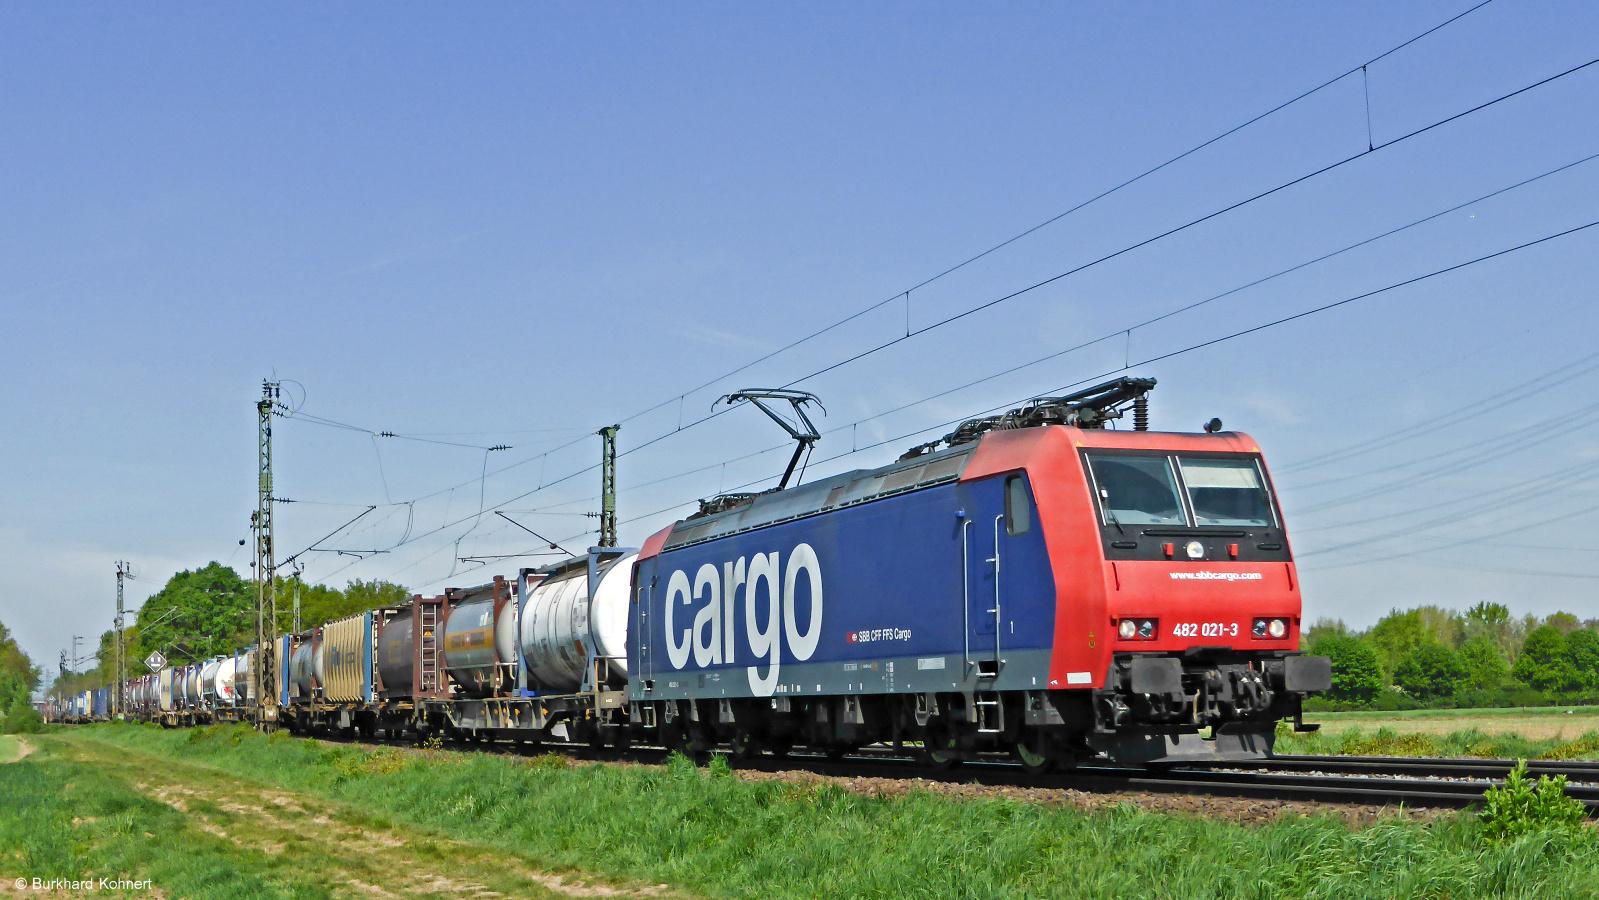 482 021-3 SBB Cargo vor einem gem. Güterzug